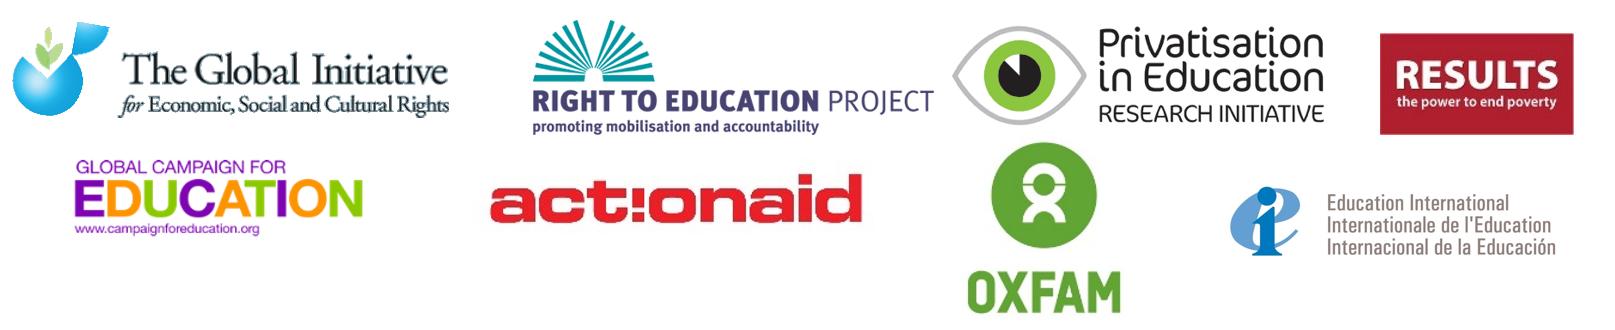 All logos 8 organisations